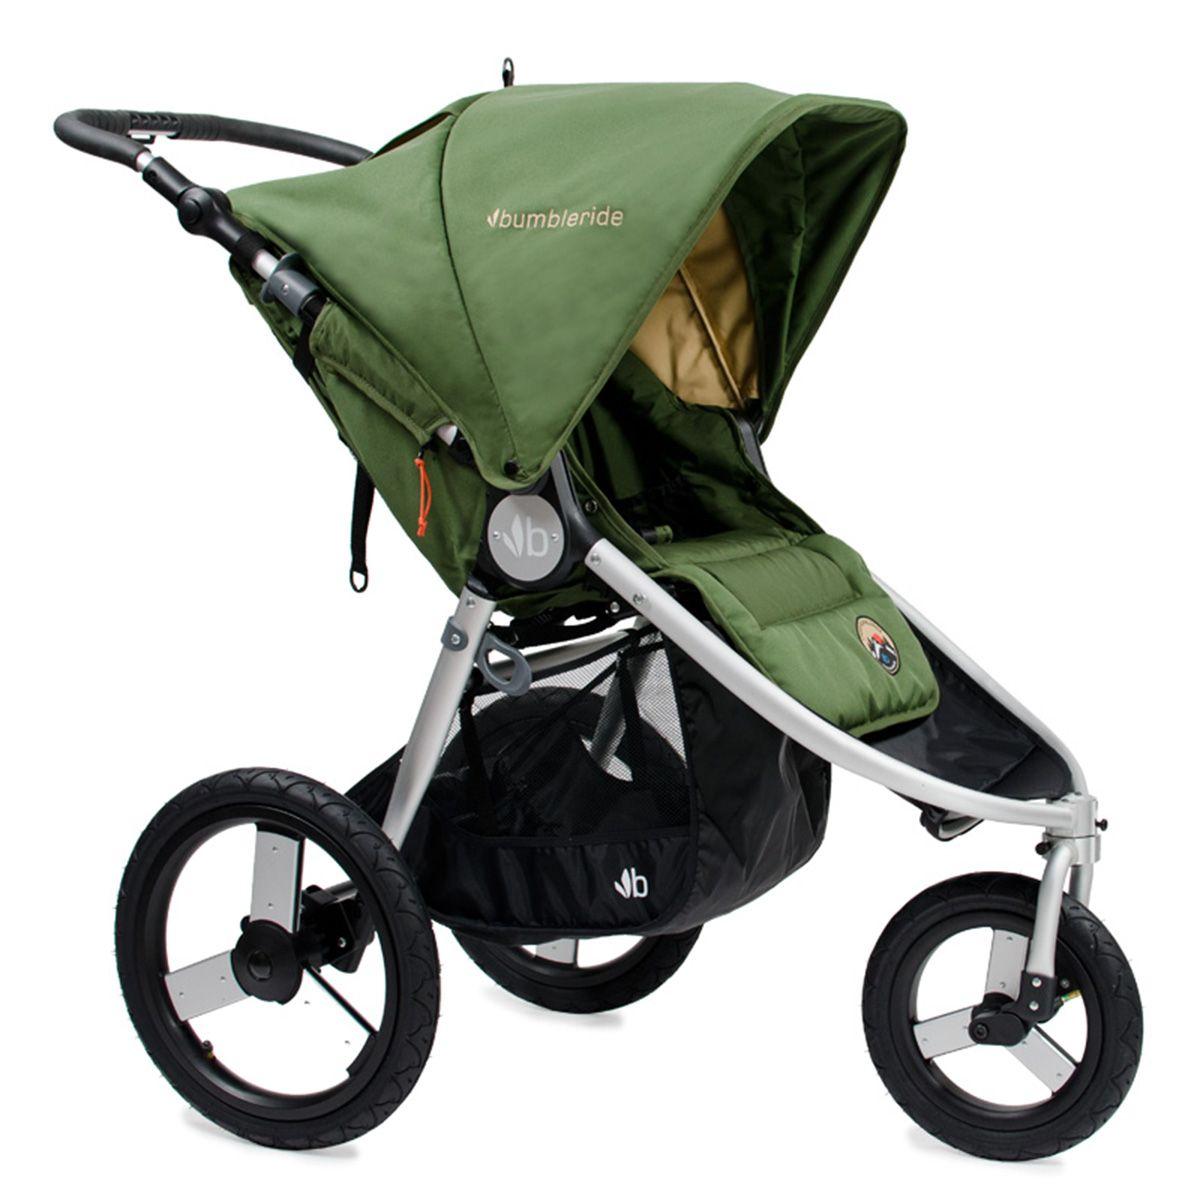 Speed Stroller Eco friendly baby gear, Stroller, Baby gear